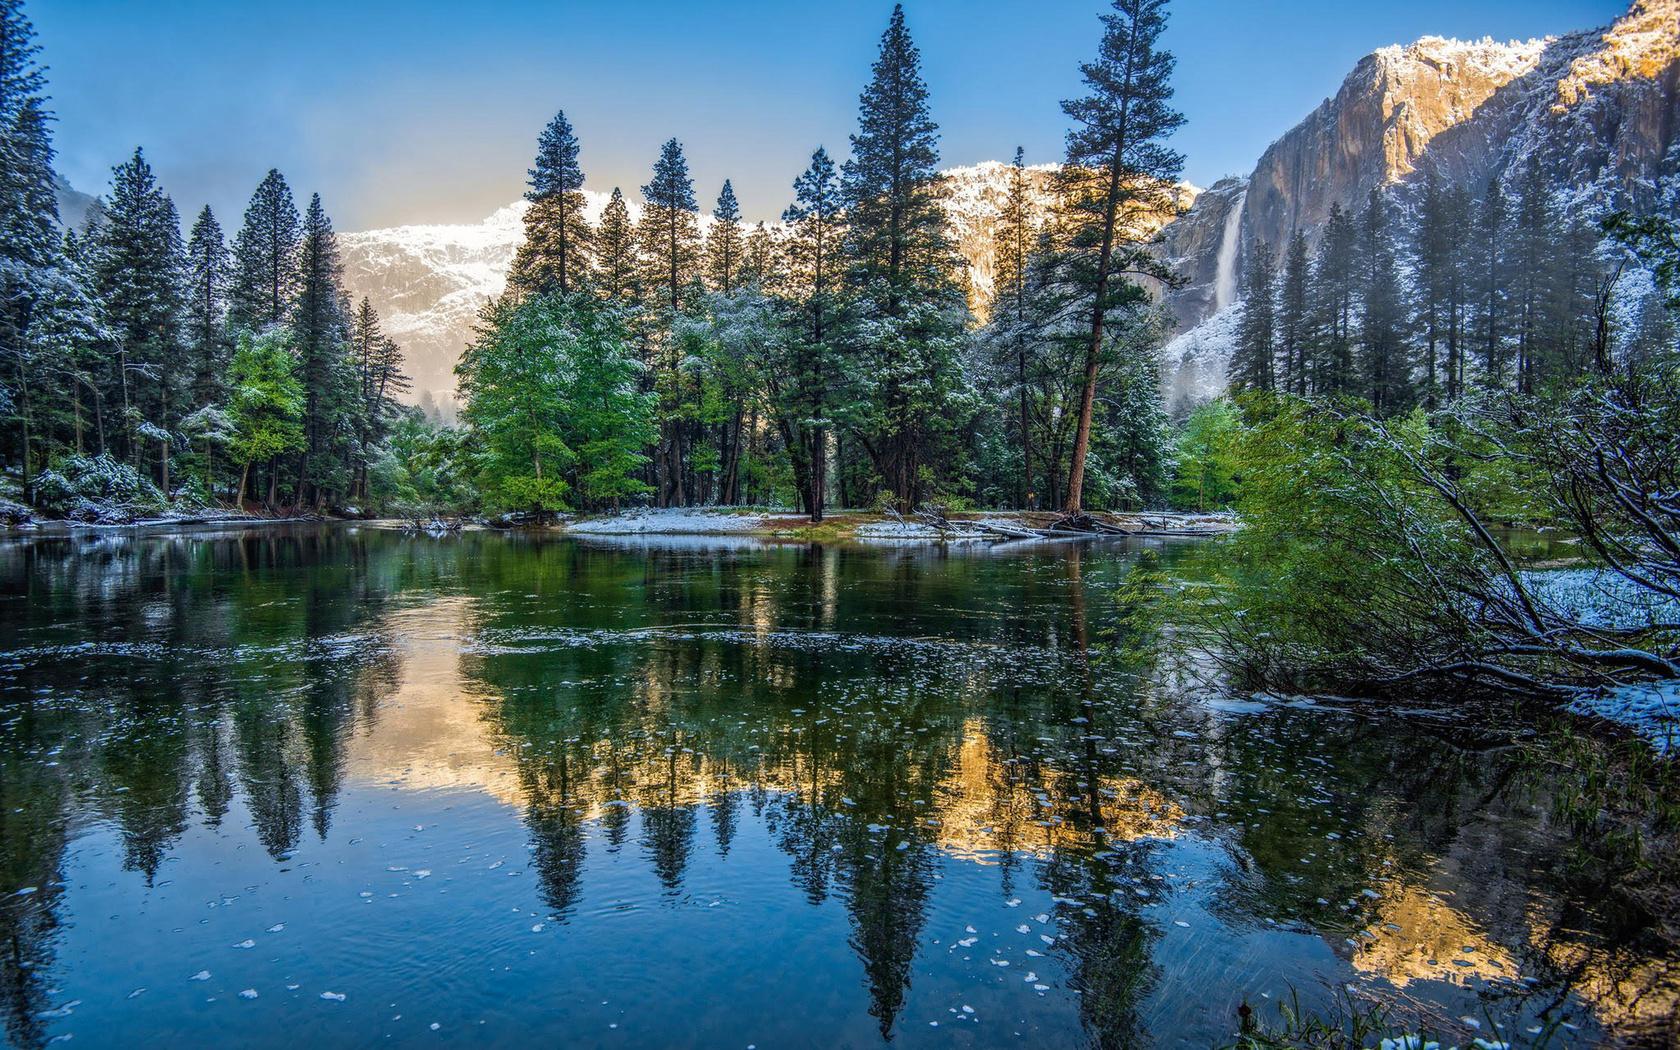 зимний пейзаж, горная река вуд, национальный парк йосемити, калифорния